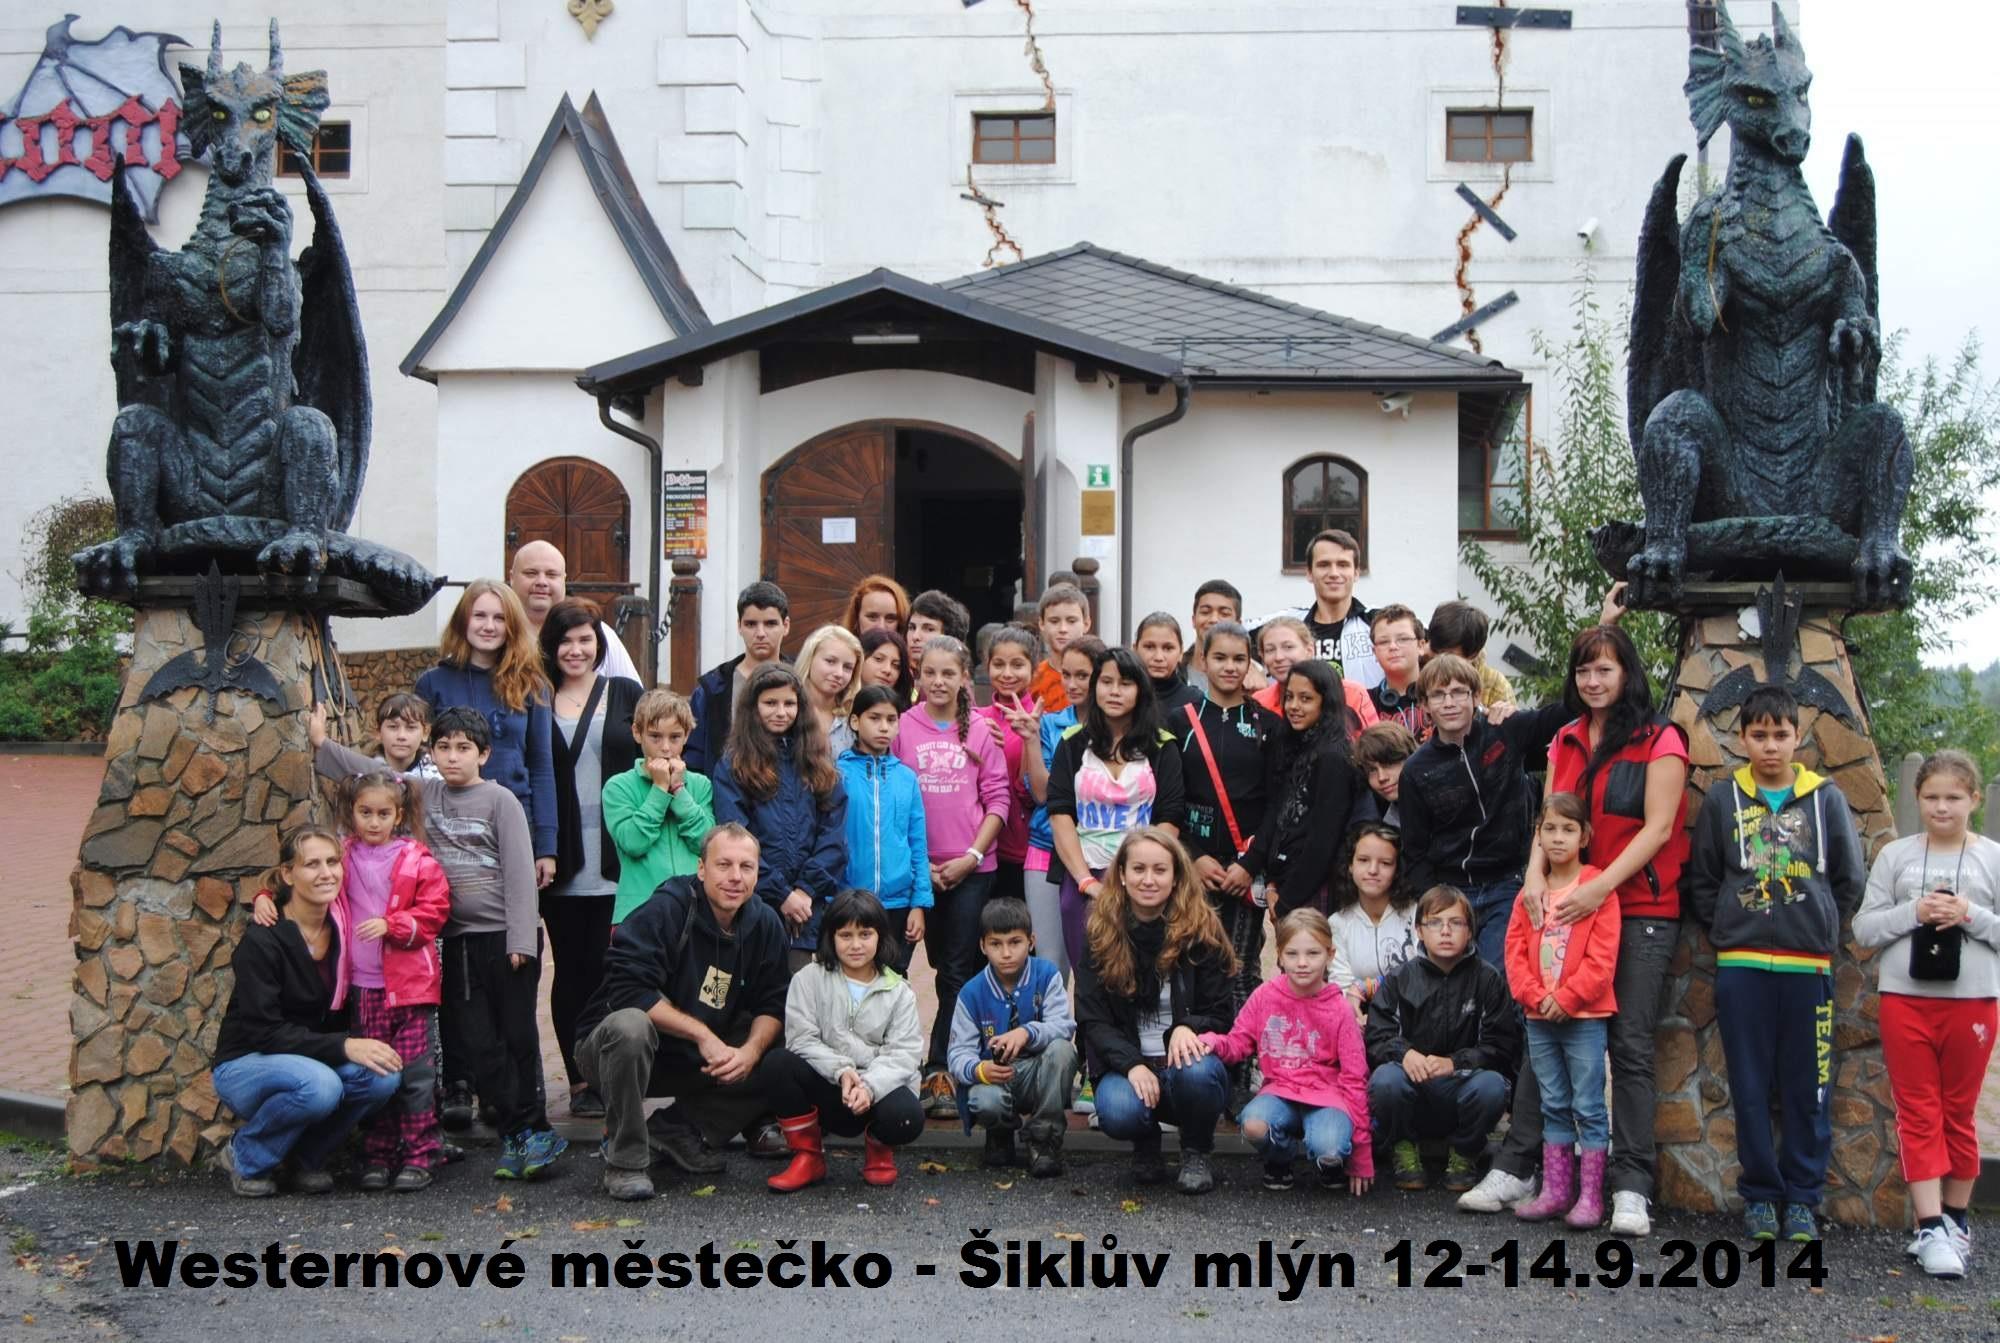 Sikluv_mlyn